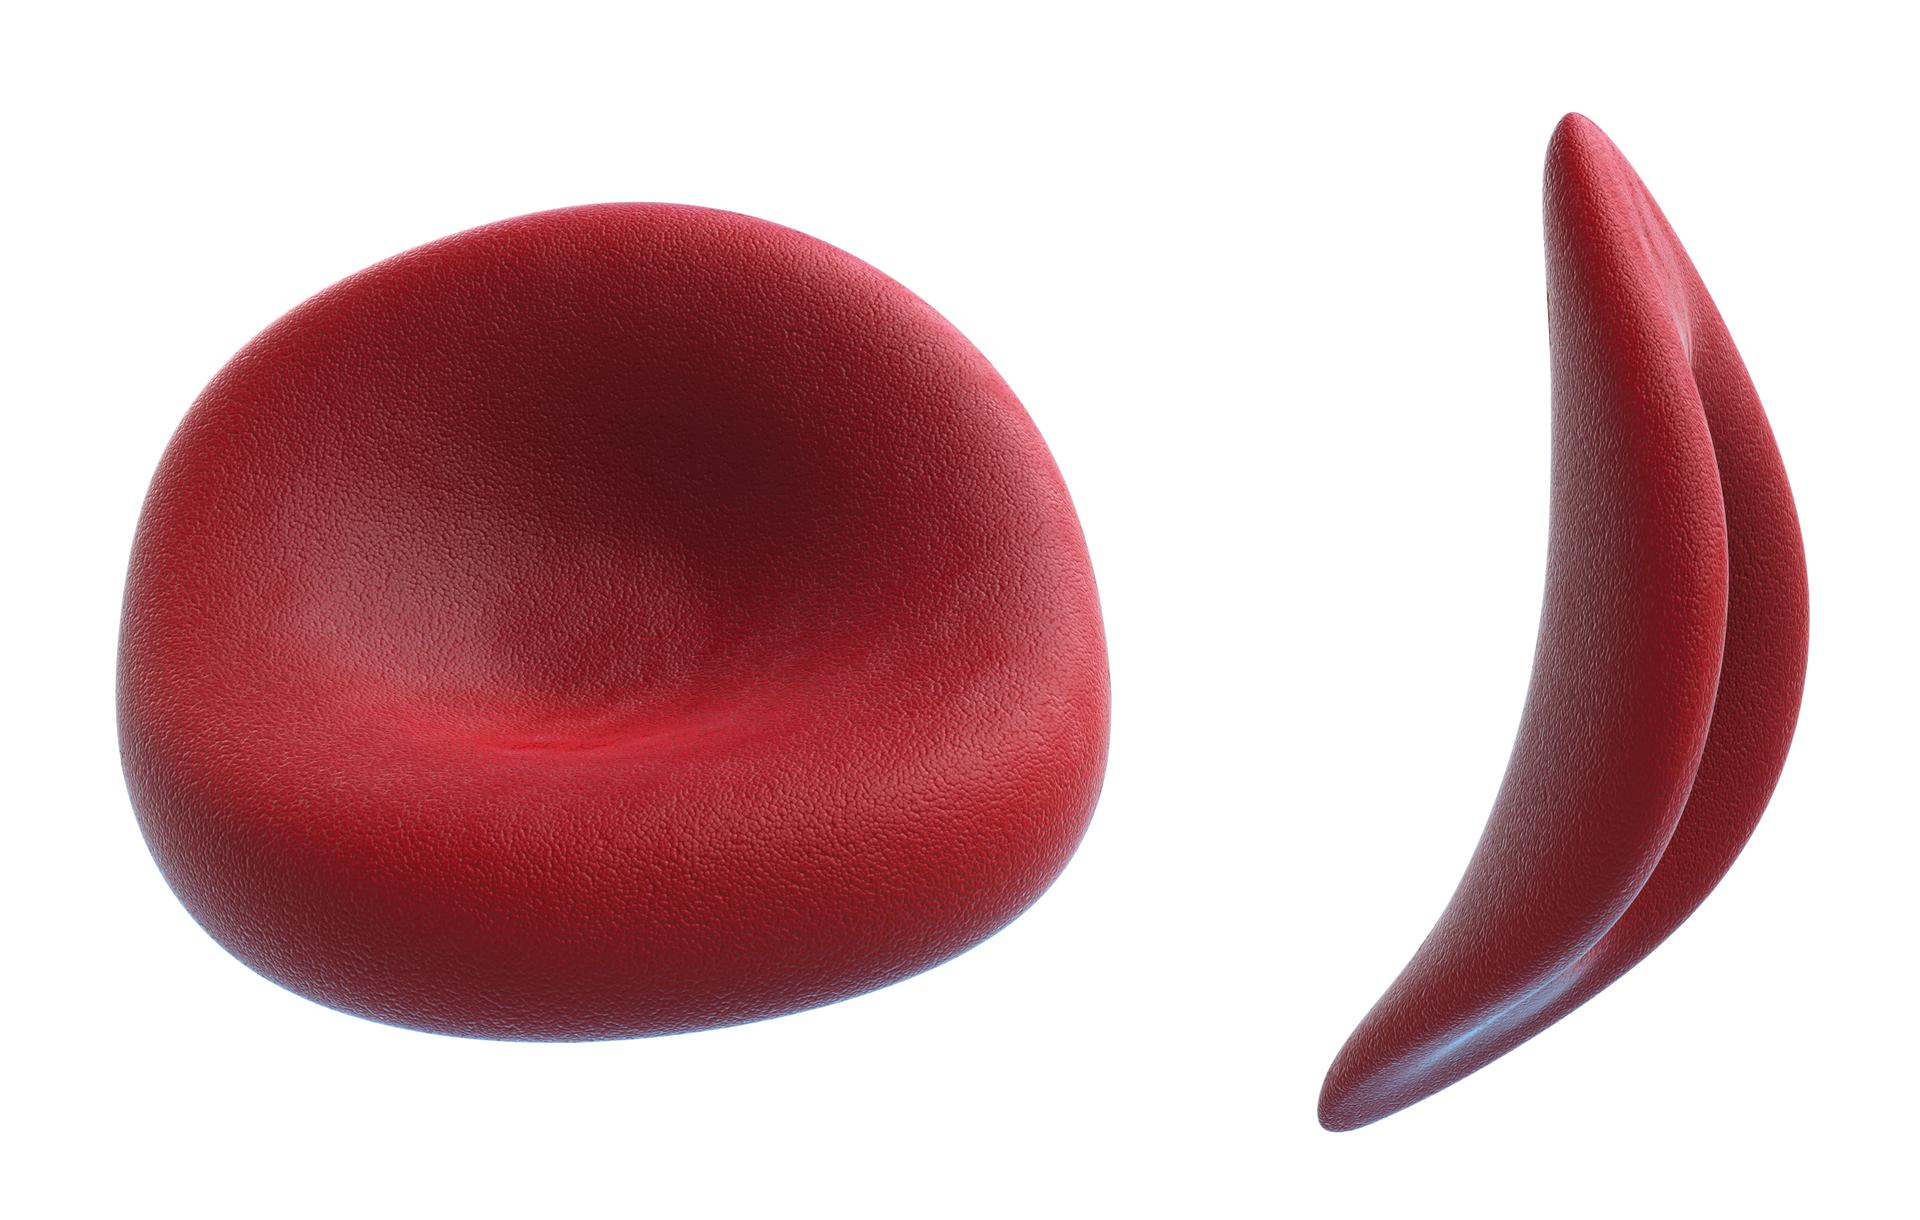 Ilustracja przedstawia dwa powiększone czerwone erytrocytyczłowieka. Zlewej prawidłowy, zprawej sierpowaty uczłowieka chorego na anemię sierpowatą.